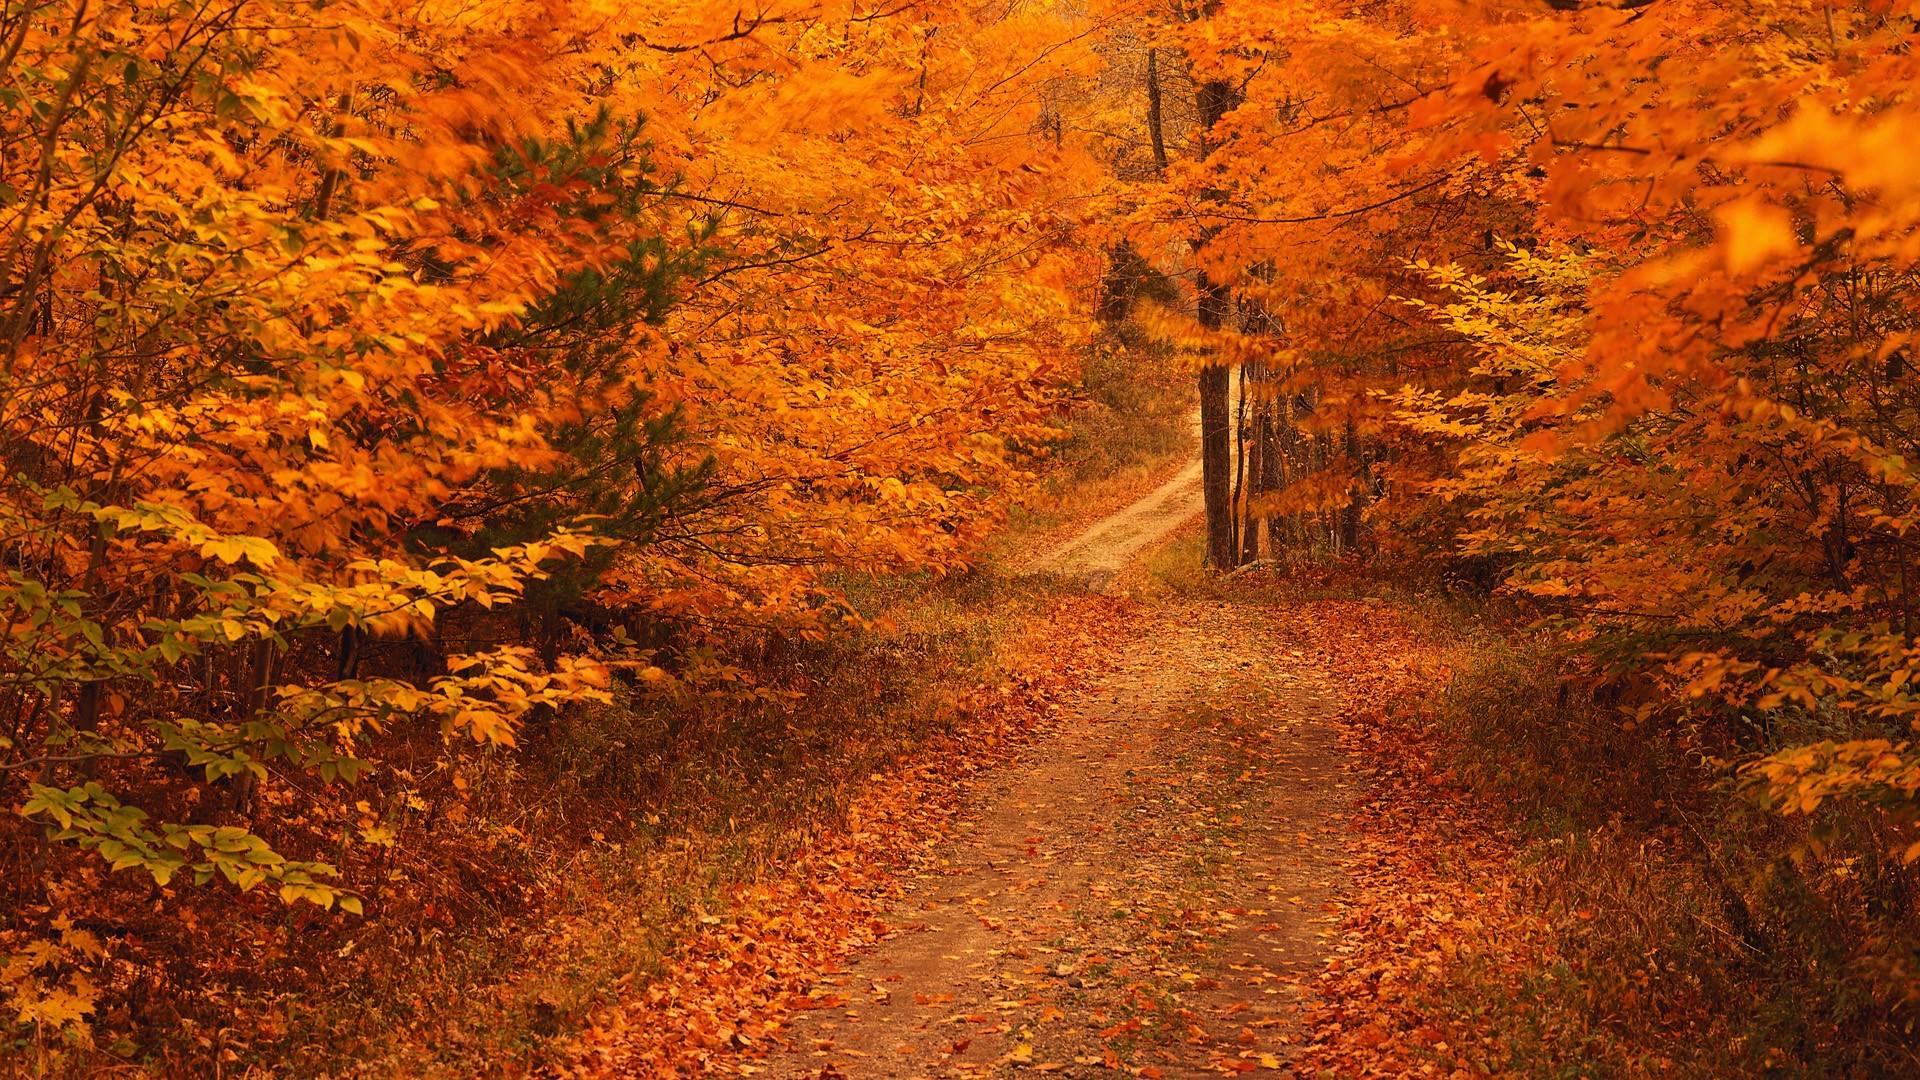 Autumn Wallpaper Hd For Desktop 1920x1080 Keysinspectorinc.com